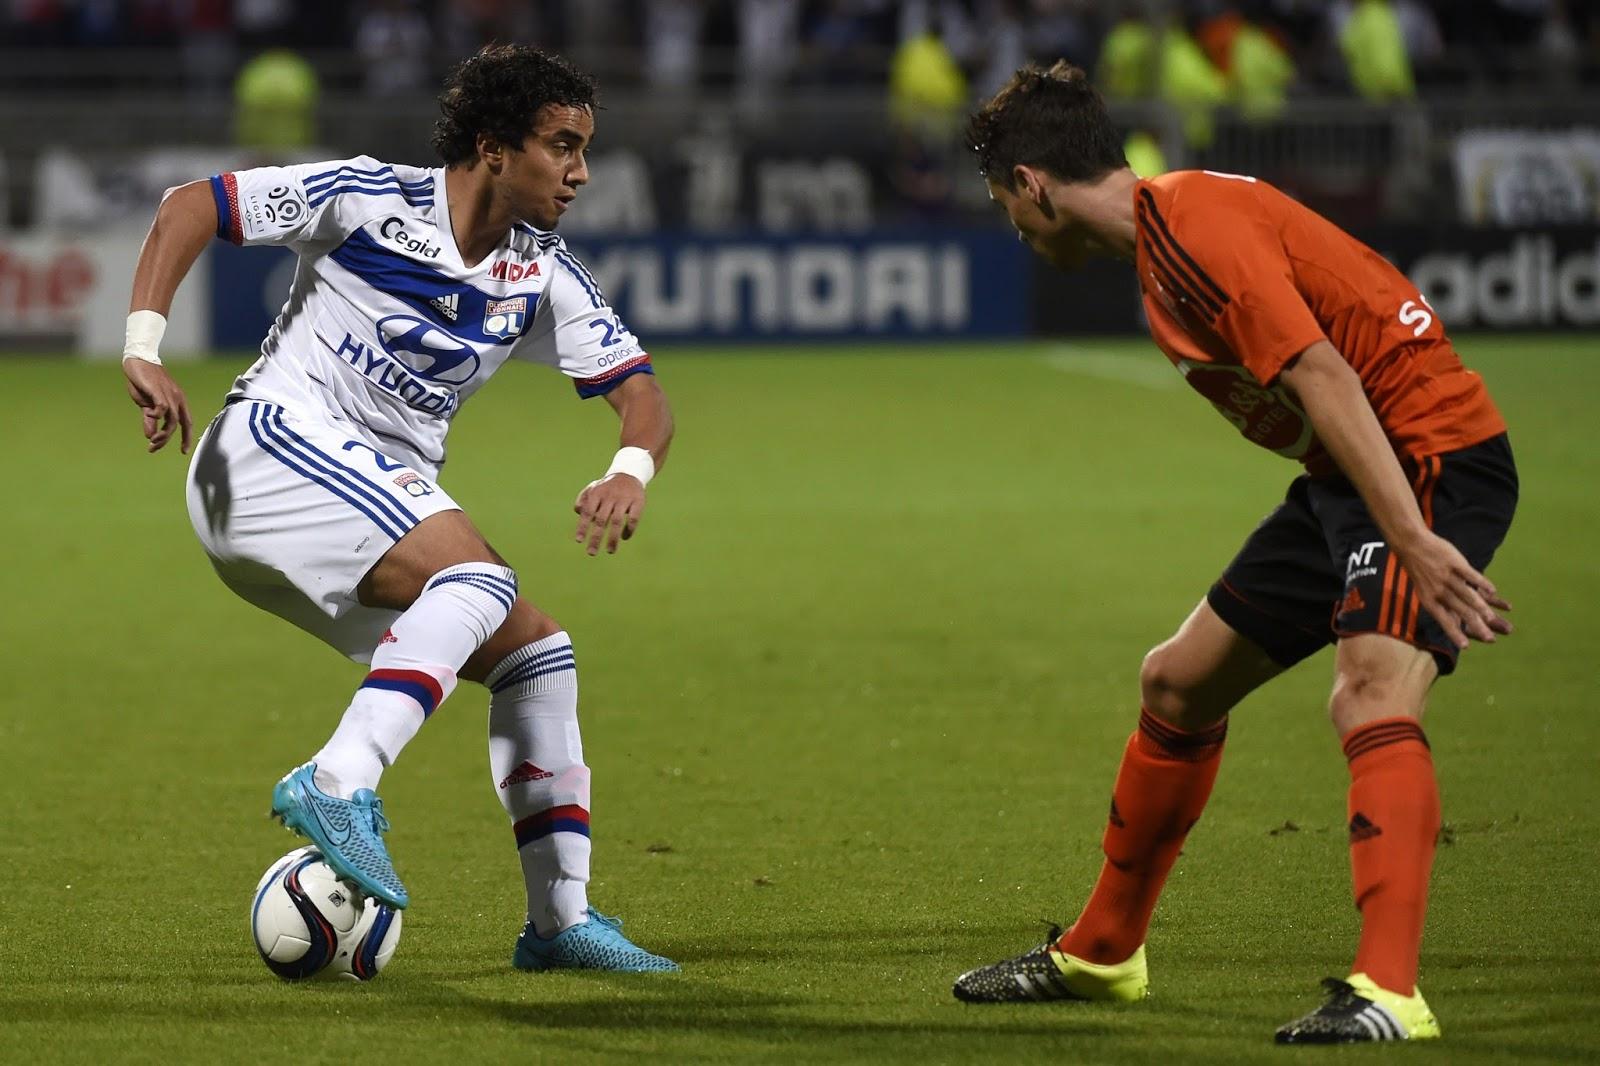 Separado do irmão gêmeo Fábio, que atualmente defende o Cardiff City, Rafael não brilhou em sua estreia pelo Lyon (Foto: Philippe Desmazes/AFP)